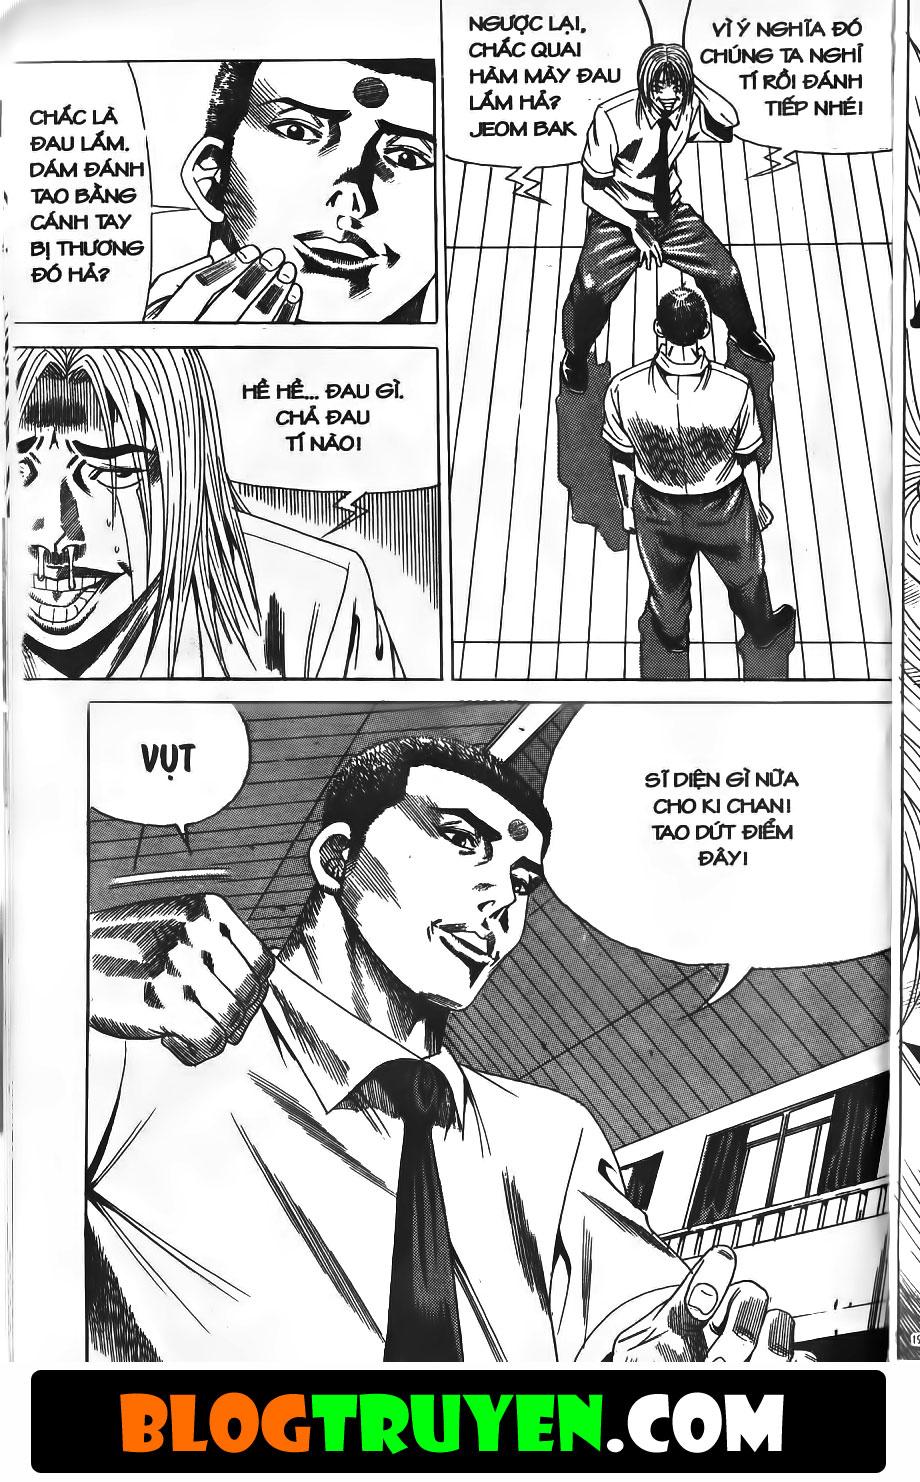 Bitagi - Anh chàng ngổ ngáo chap 148 trang 14